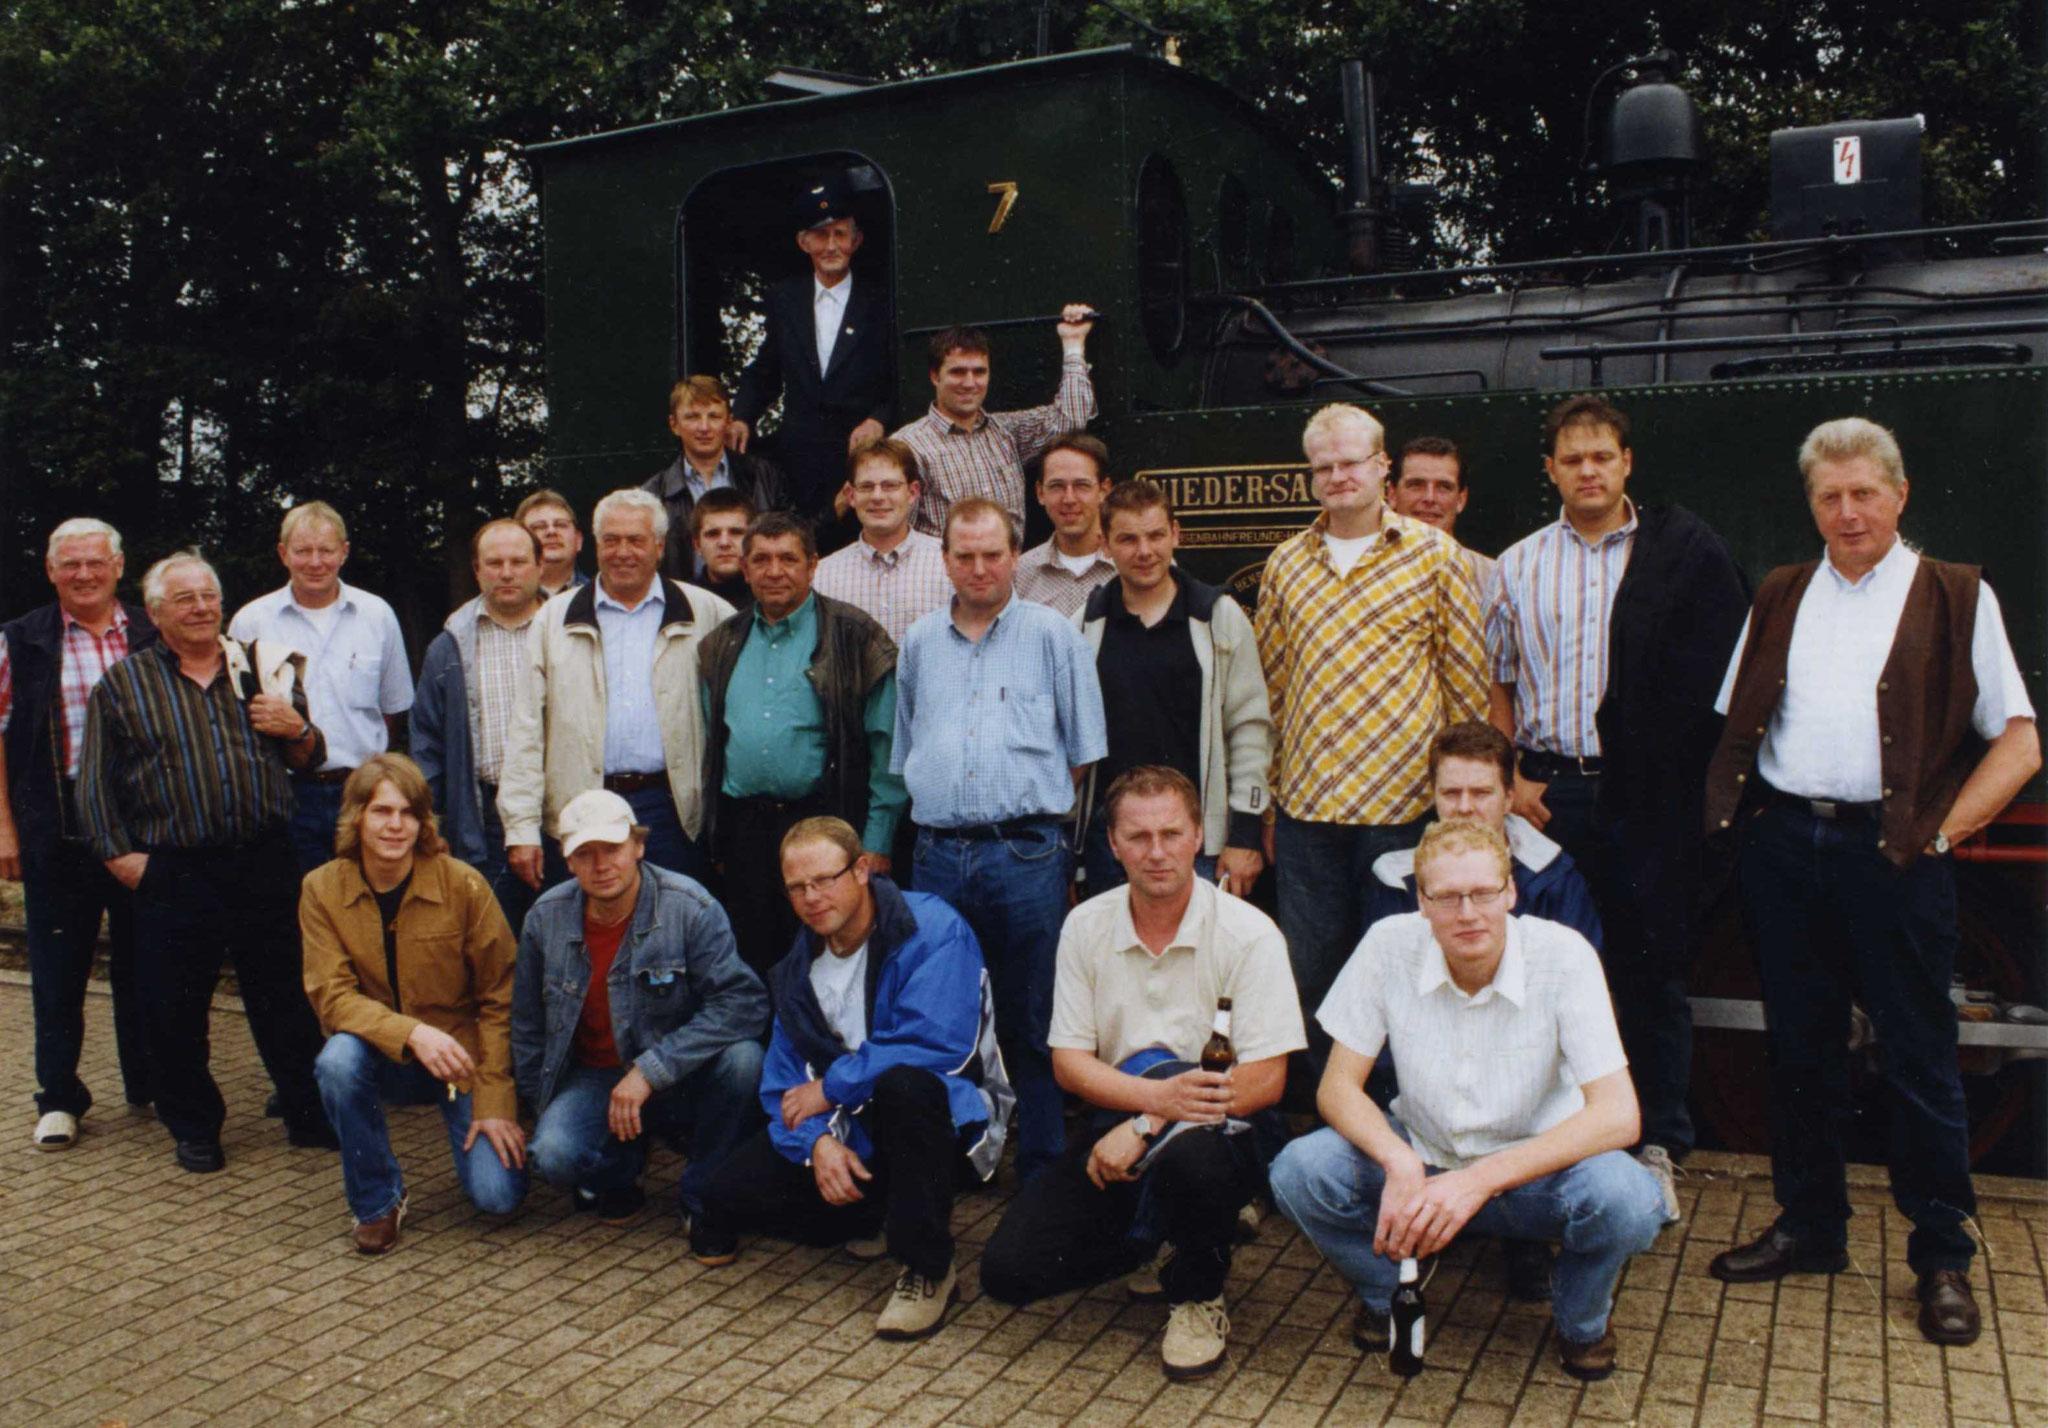 Kompanieausflug zum Korn- und Hansemarkt in Haselünne im Jahr 2004